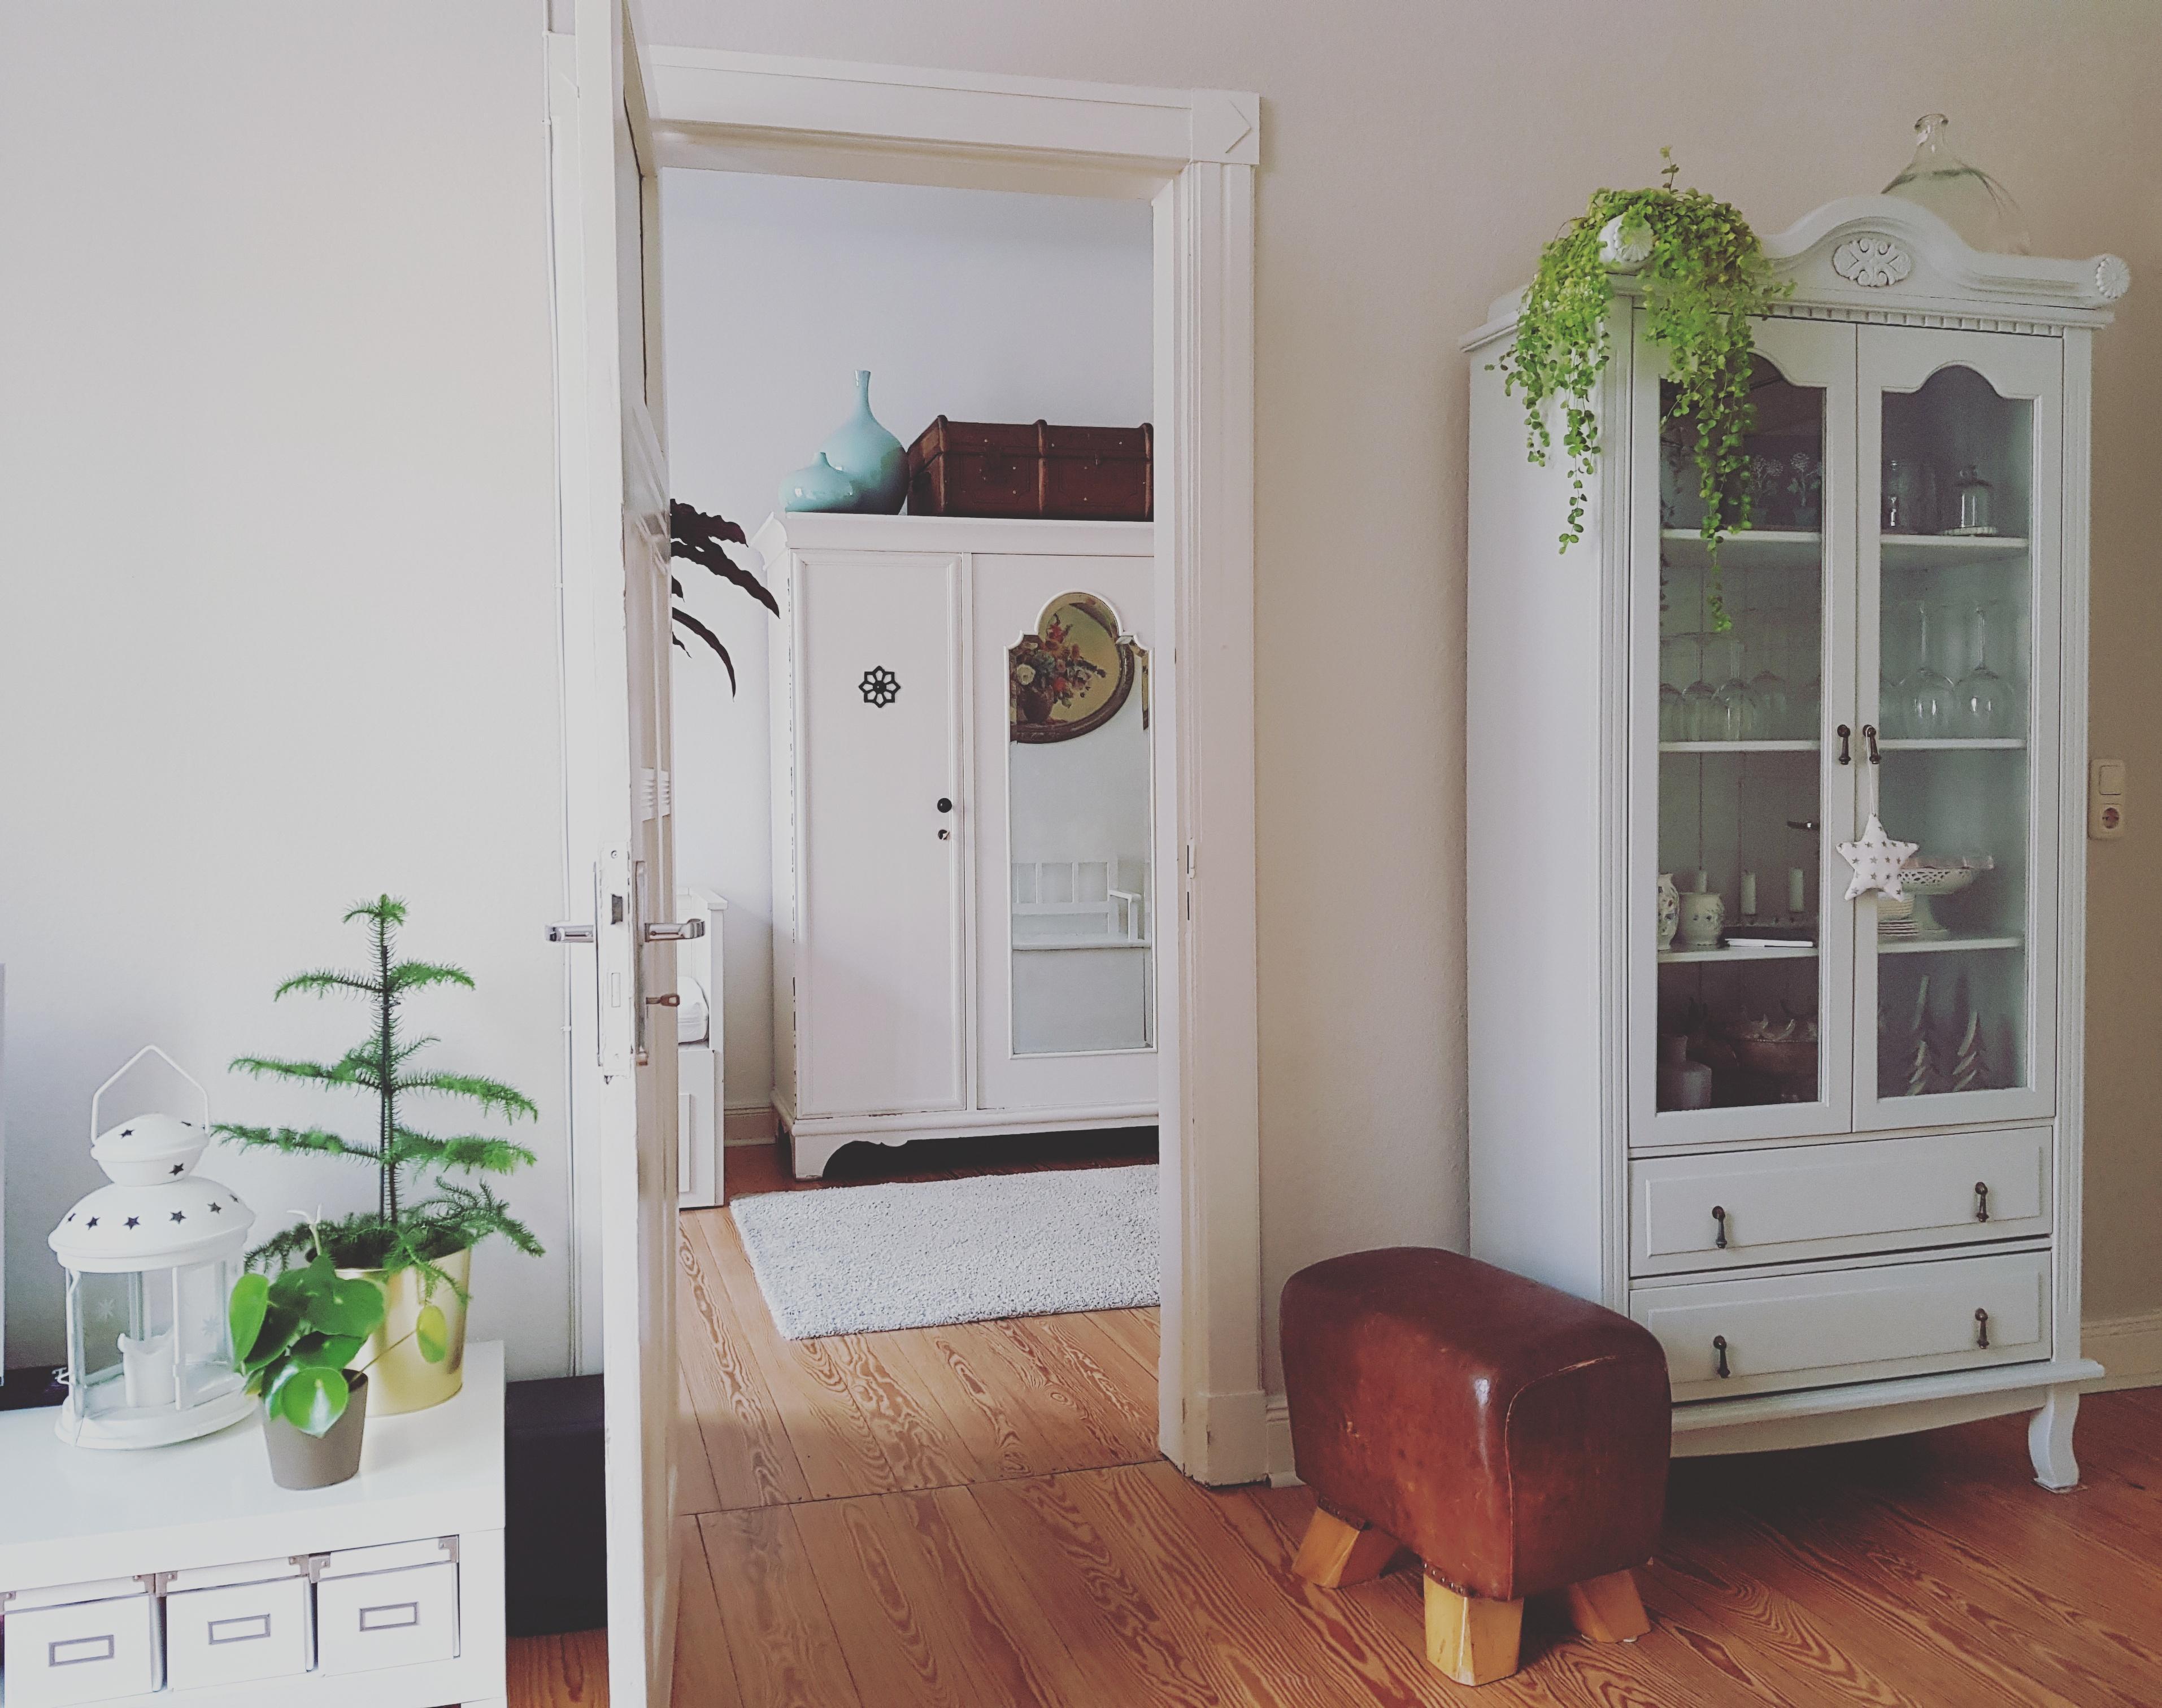 Kleine wohnung einrichten bilder ideen couchstyle for Meine wohnung einrichten